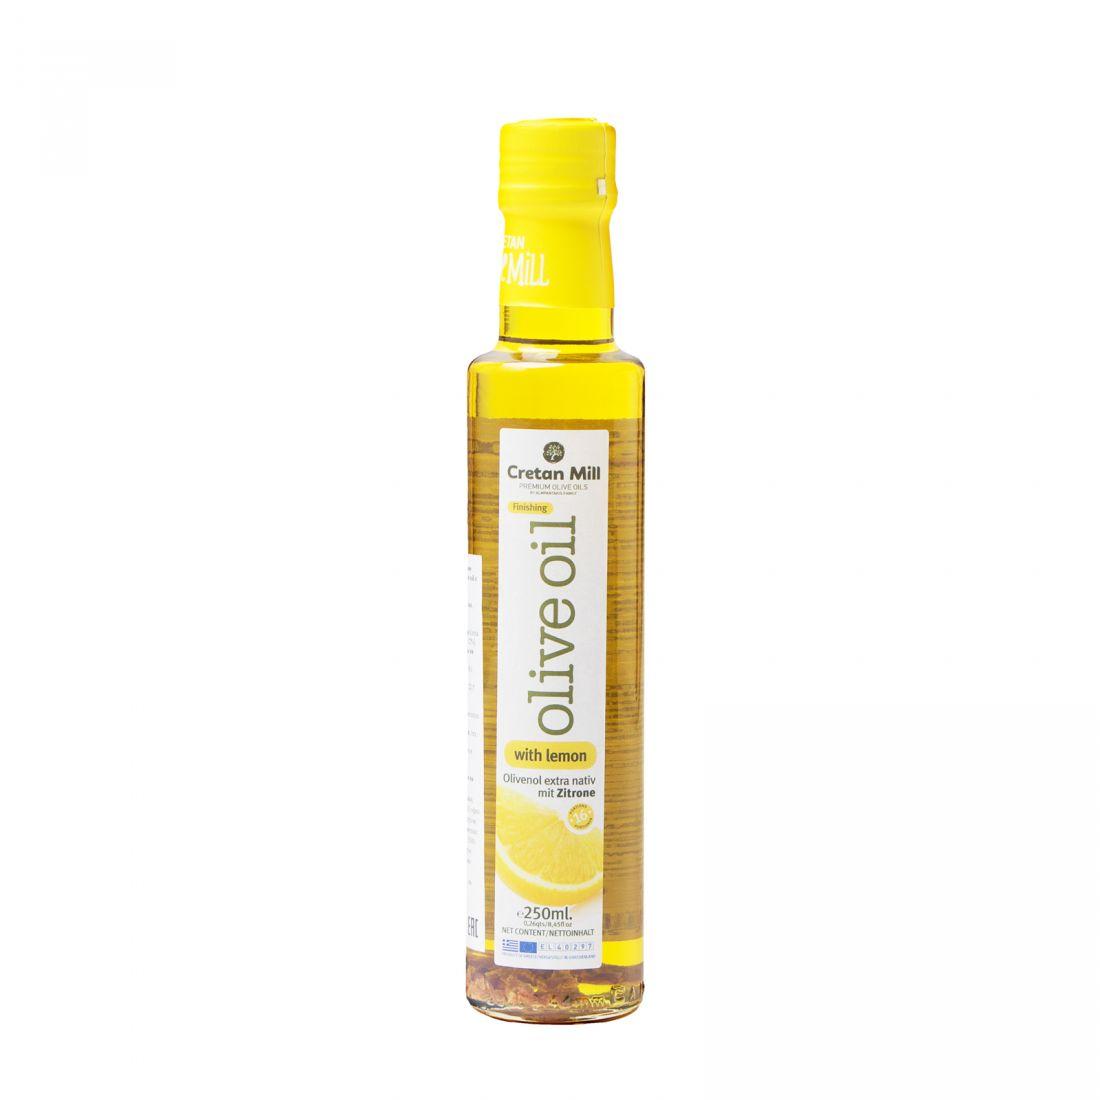 Оливковое масло с лимоном CRETAN MILL  - 250 мл экстра вирджин